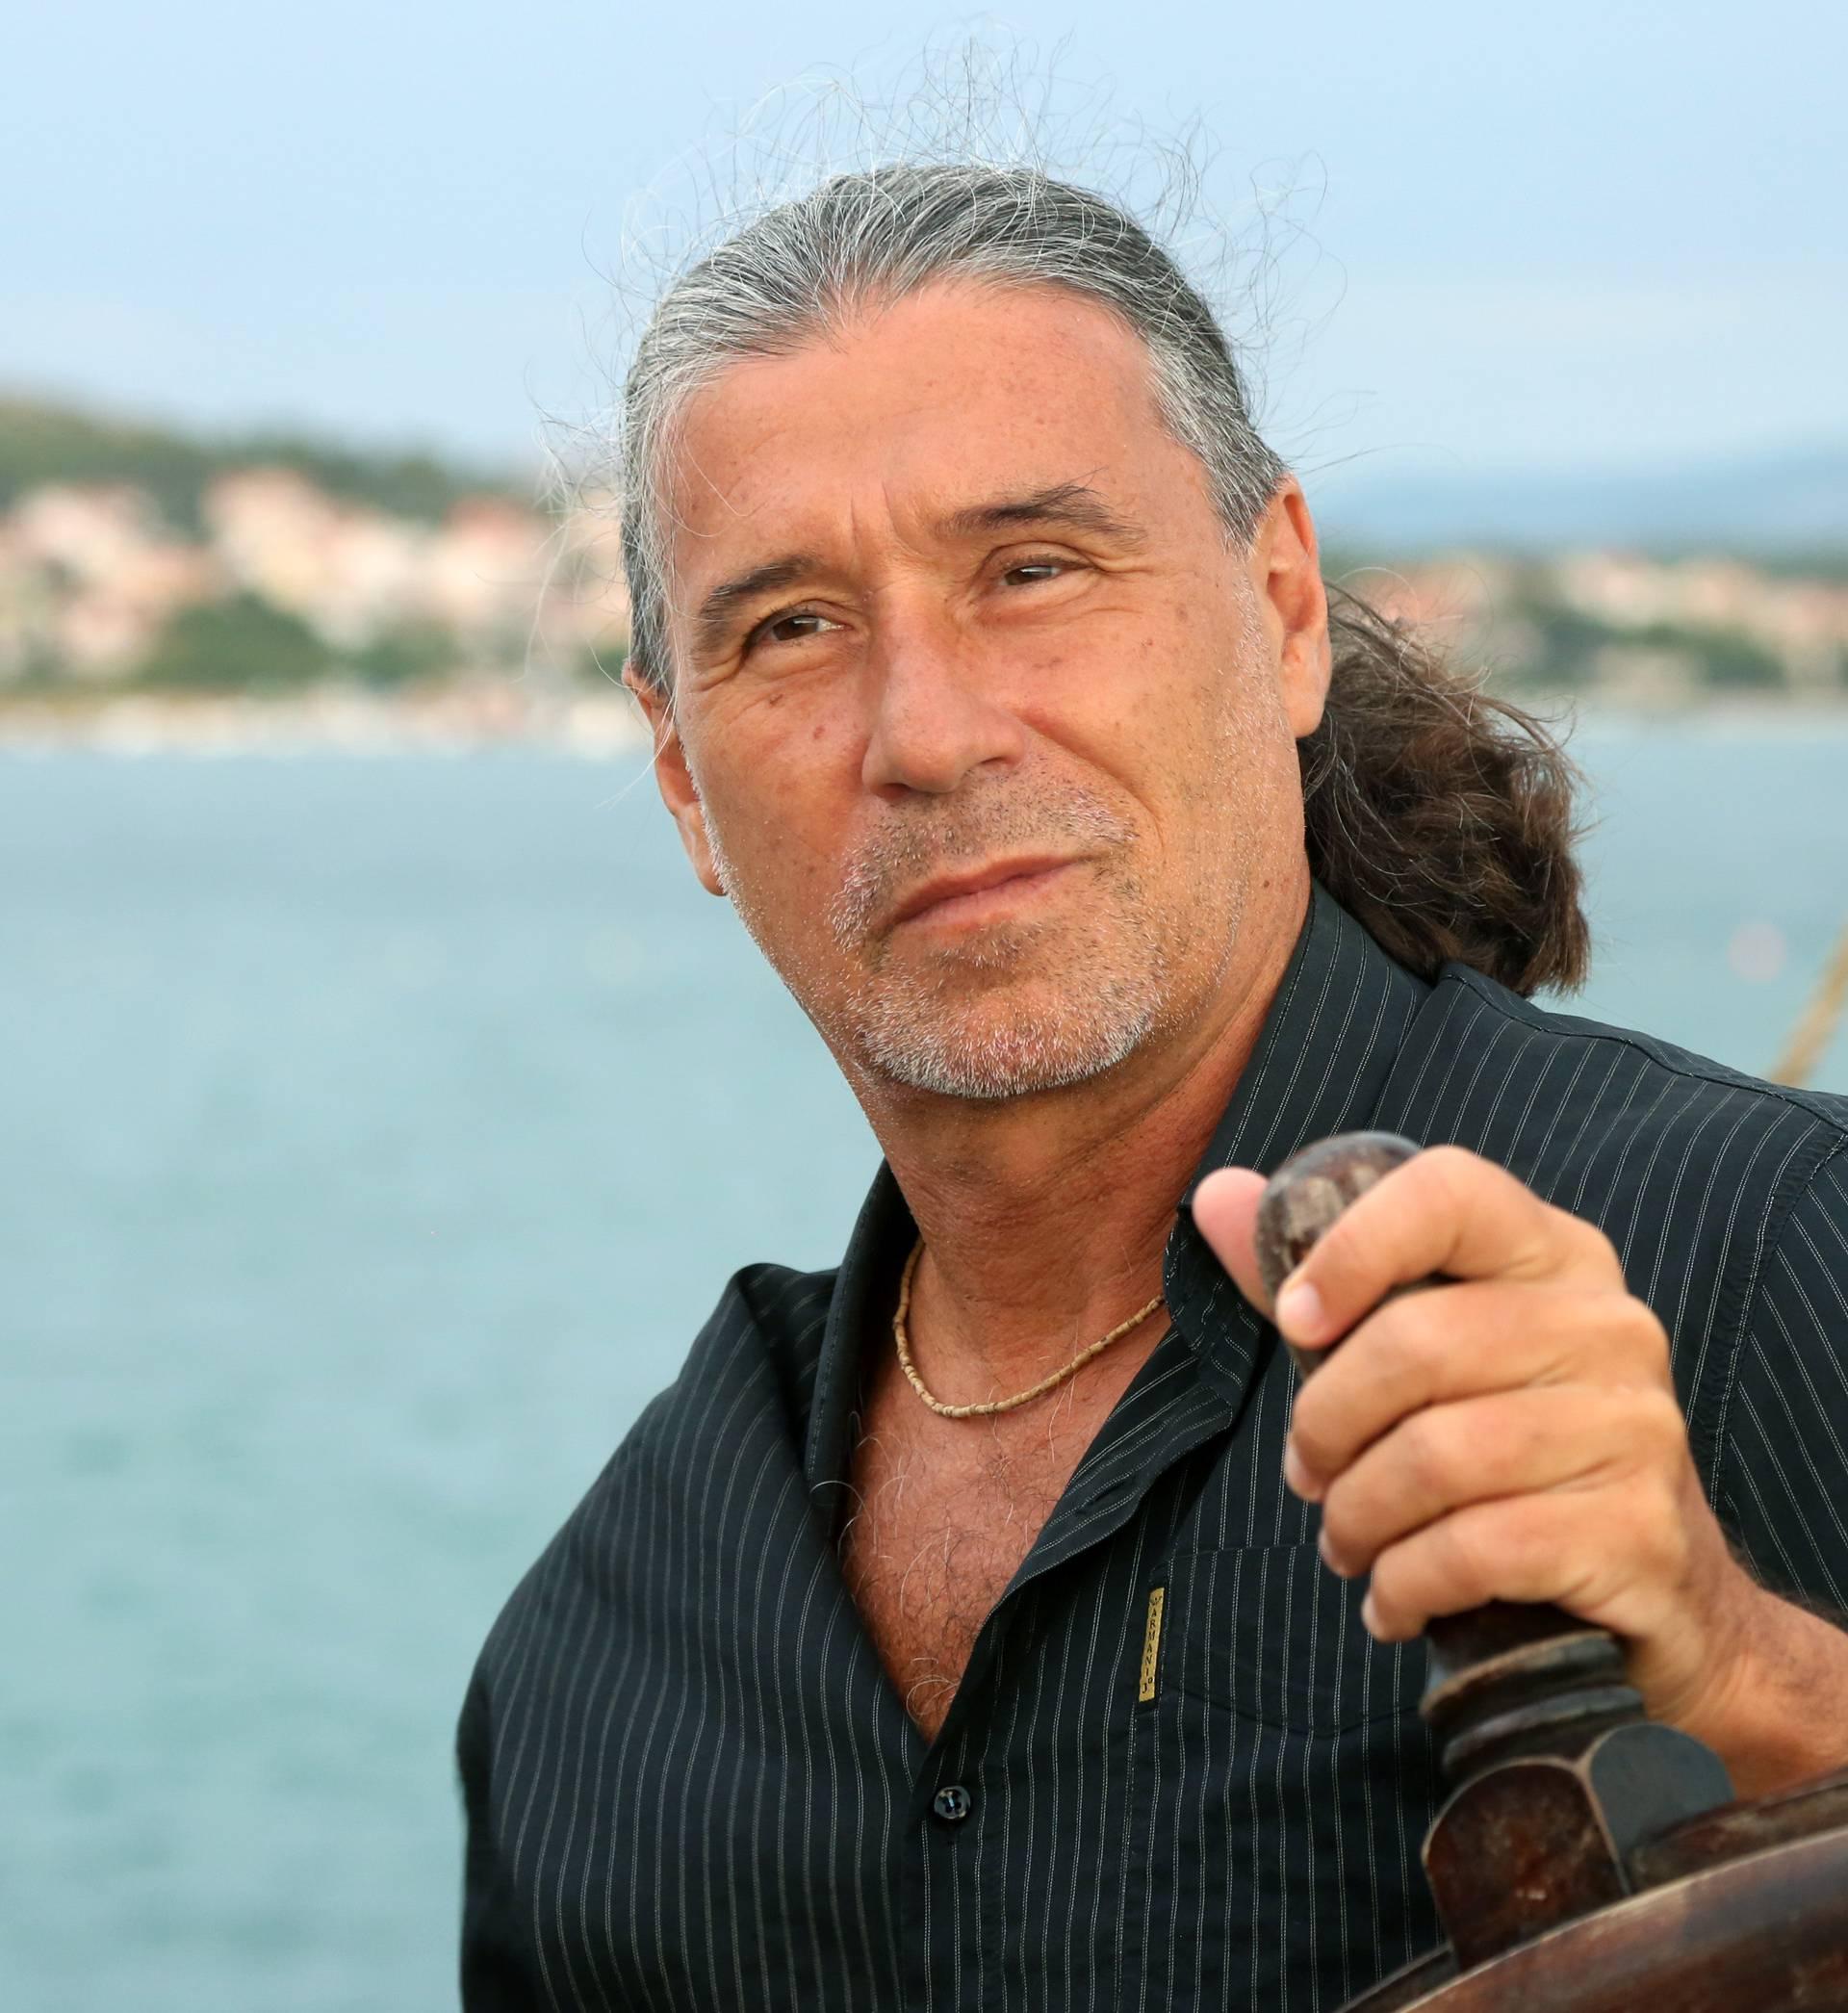 Vjesnik lijepog vremena: Goran Karan se 'razbacao' na piciginu